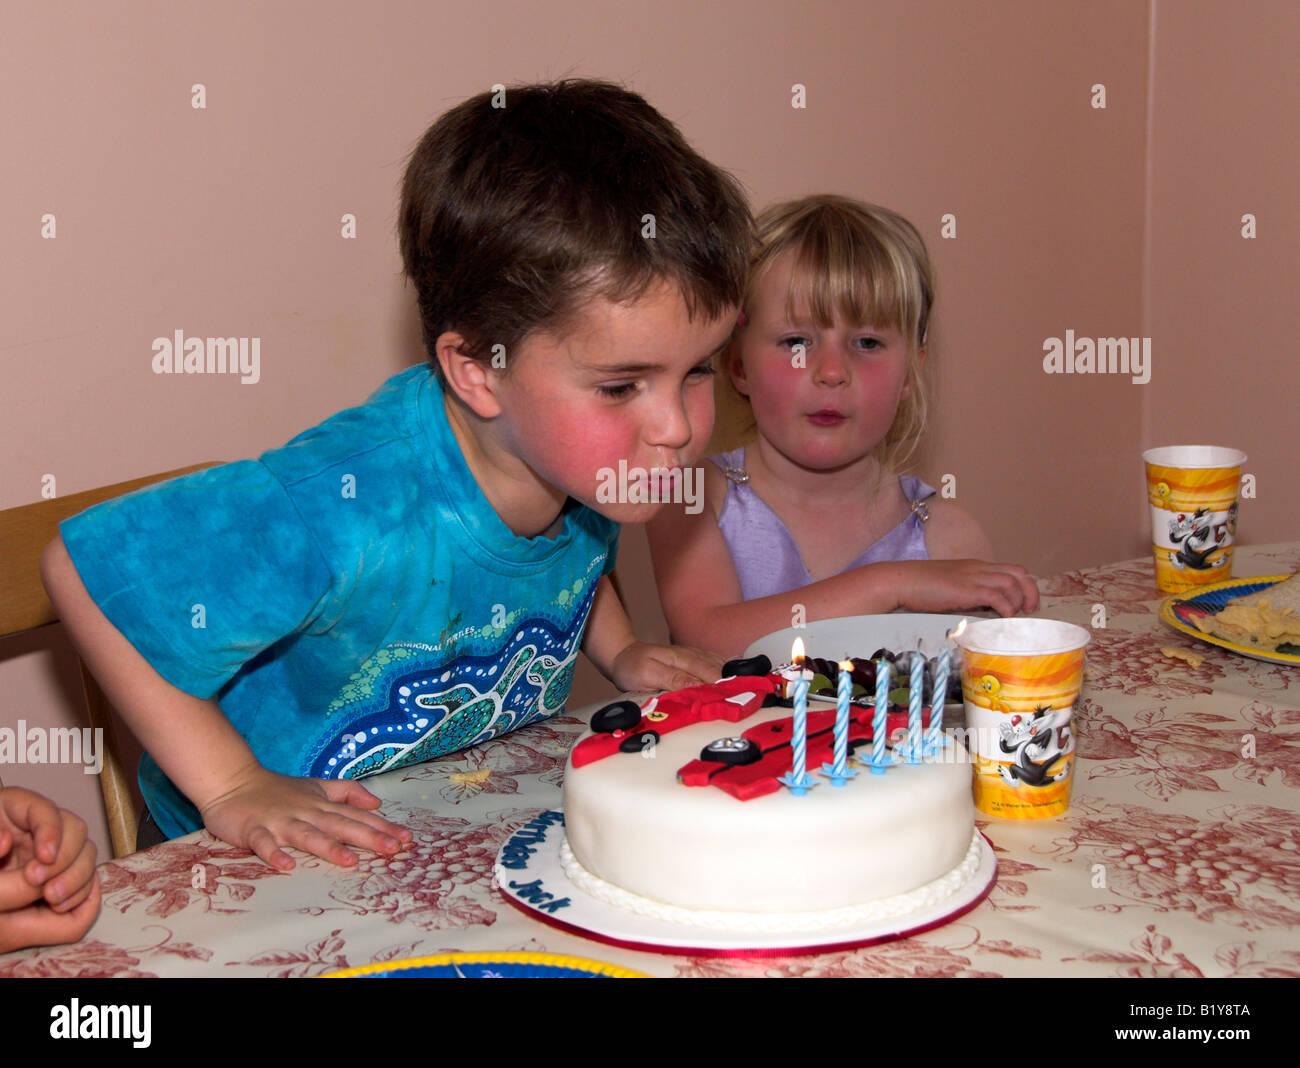 Jungen Im Alter Von 5 Ausblasen Der Kerzen Auf Einem